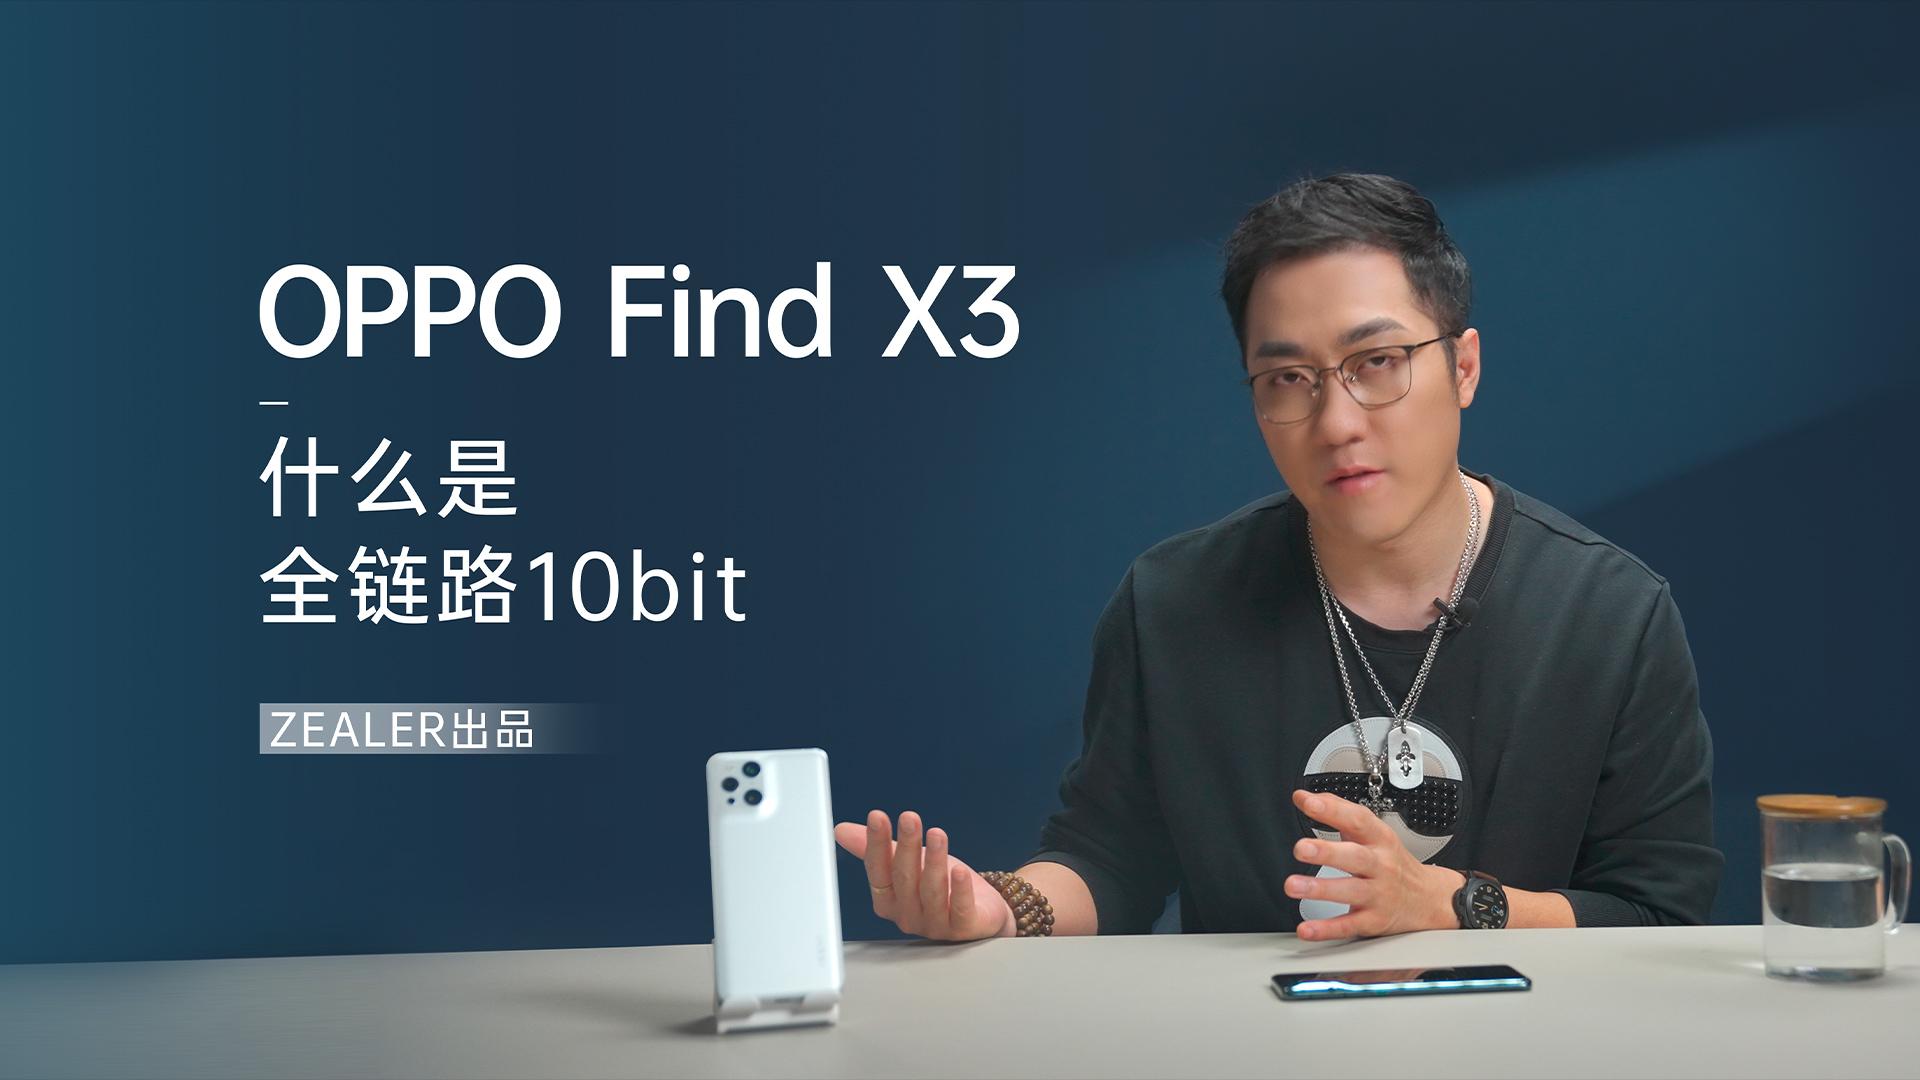 王自如解读 OPPO Find X3 什么是全链路10bit